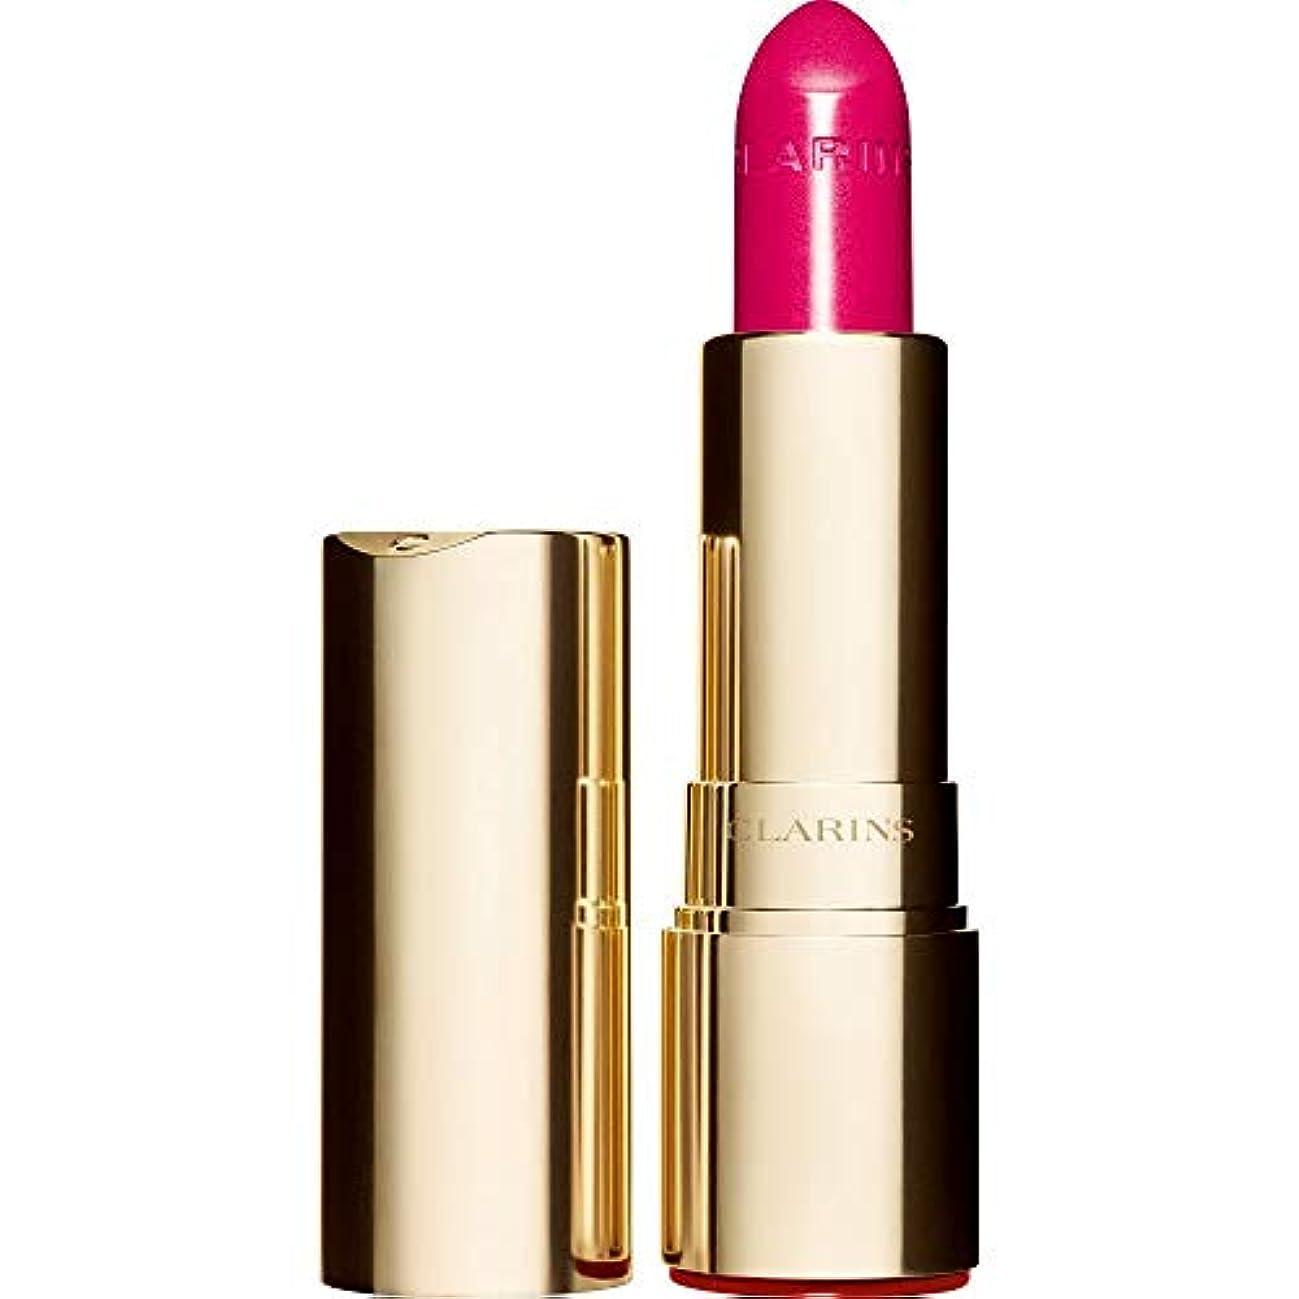 ごちそうスイ士気[Clarins ] クラランスジョリルージュブリリアント口紅3.5グラムの713S - ホットピンク - Clarins Joli Rouge Brillant Lipstick 3.5g 713S - Hot Pink...